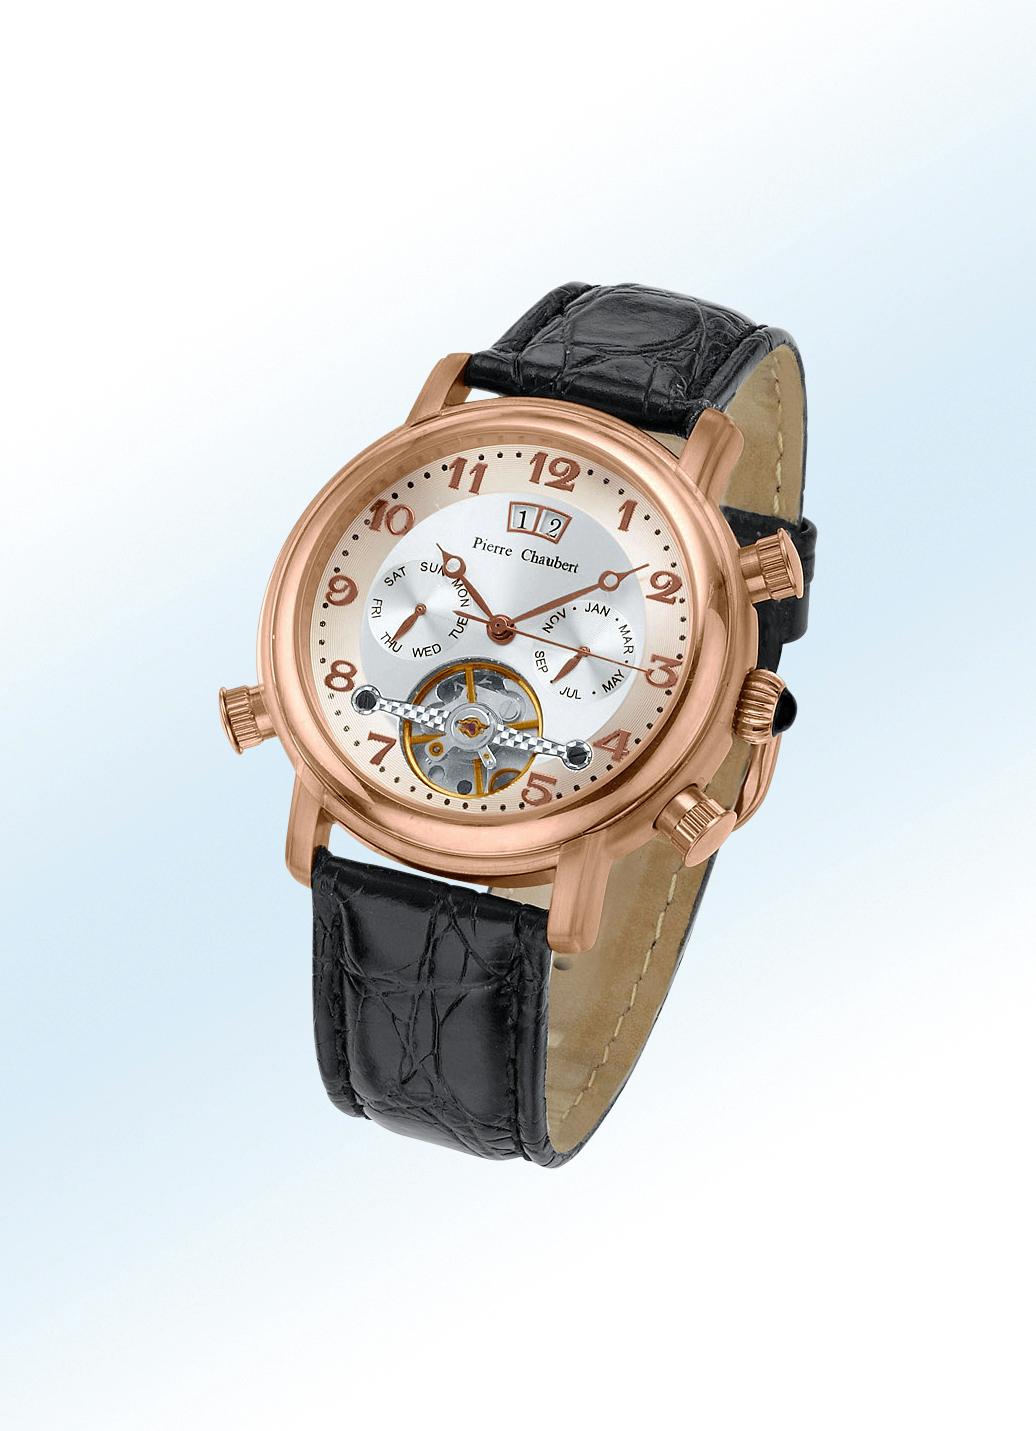 Pierre-Chaubert-Automatik-Herrenuhr Gehäuse Edelstahl Uhrenband Leder Herren Preisvergleich